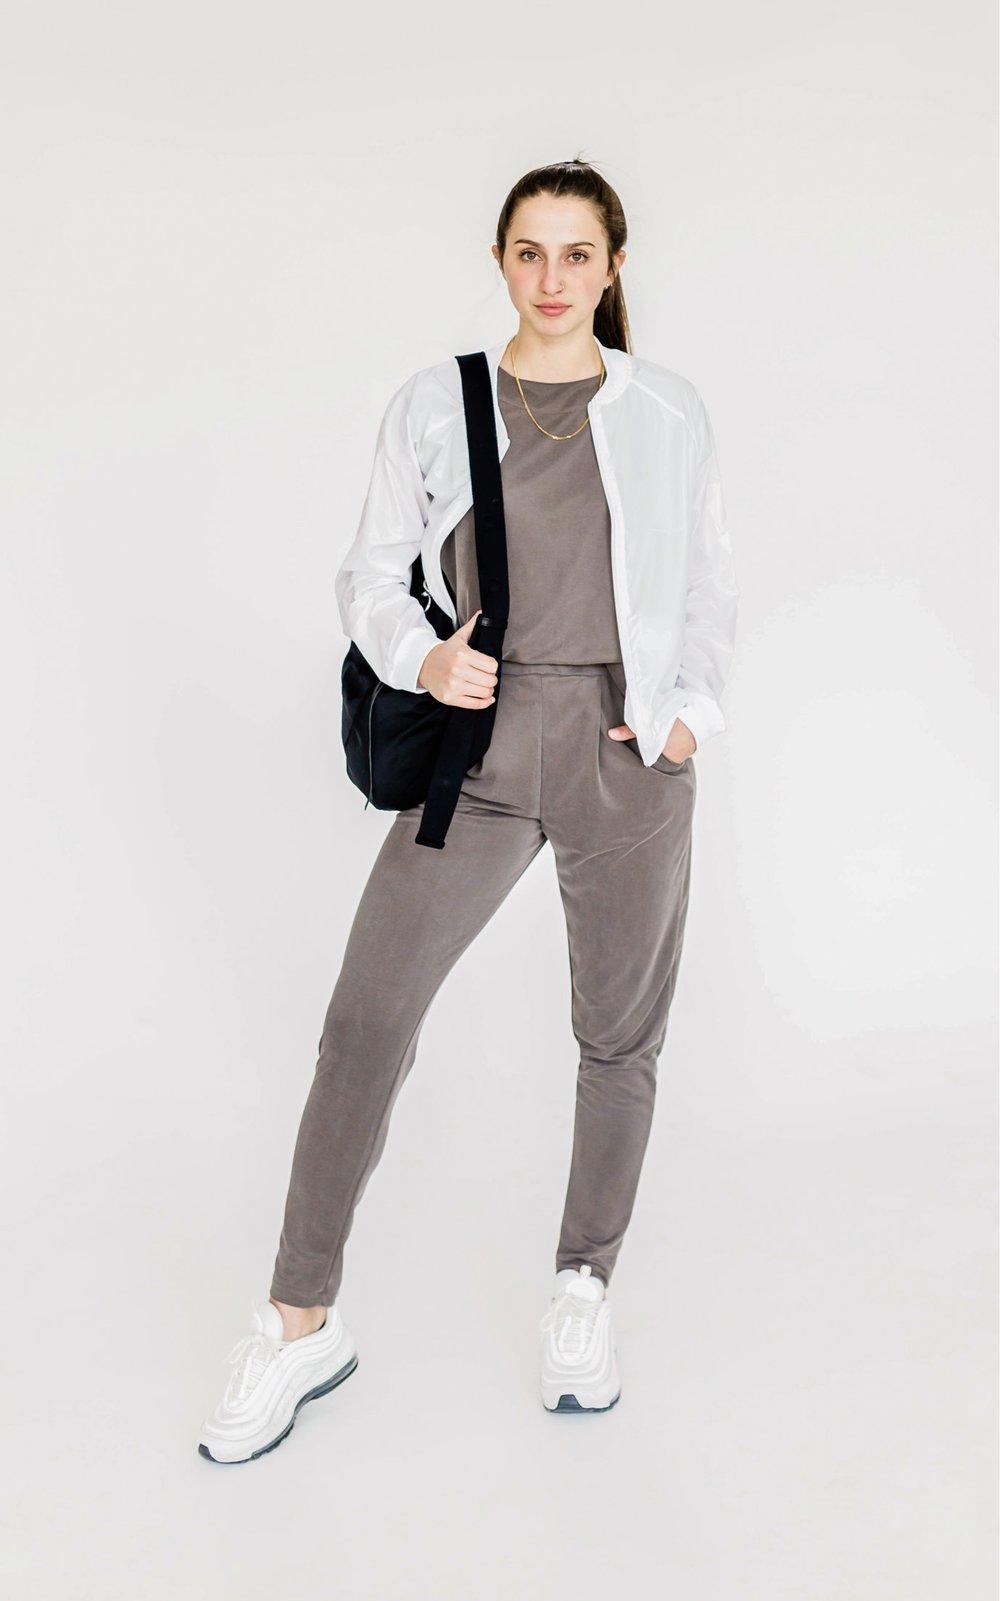 Jadyn's Look - What She's Wearing:Koral Dash JacketRebecca Minkoff Nylon Hobo Bag